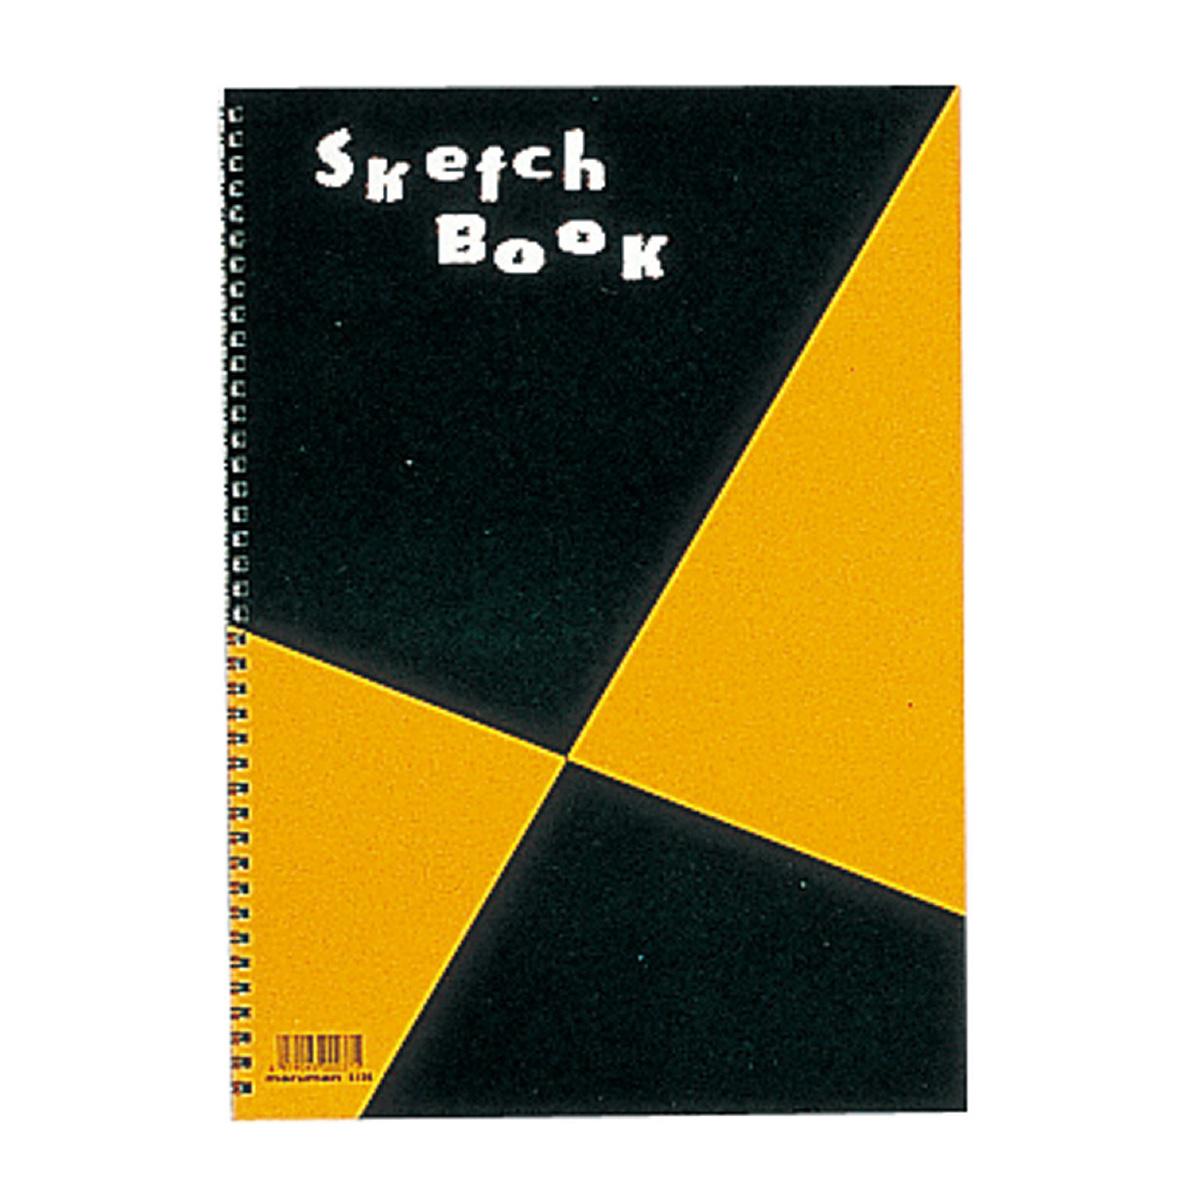 M 図案 スケッチブック B4 S120 b4 画用紙 画材 美術 図工 こども 絵 スケッチ クリスマスプレゼント